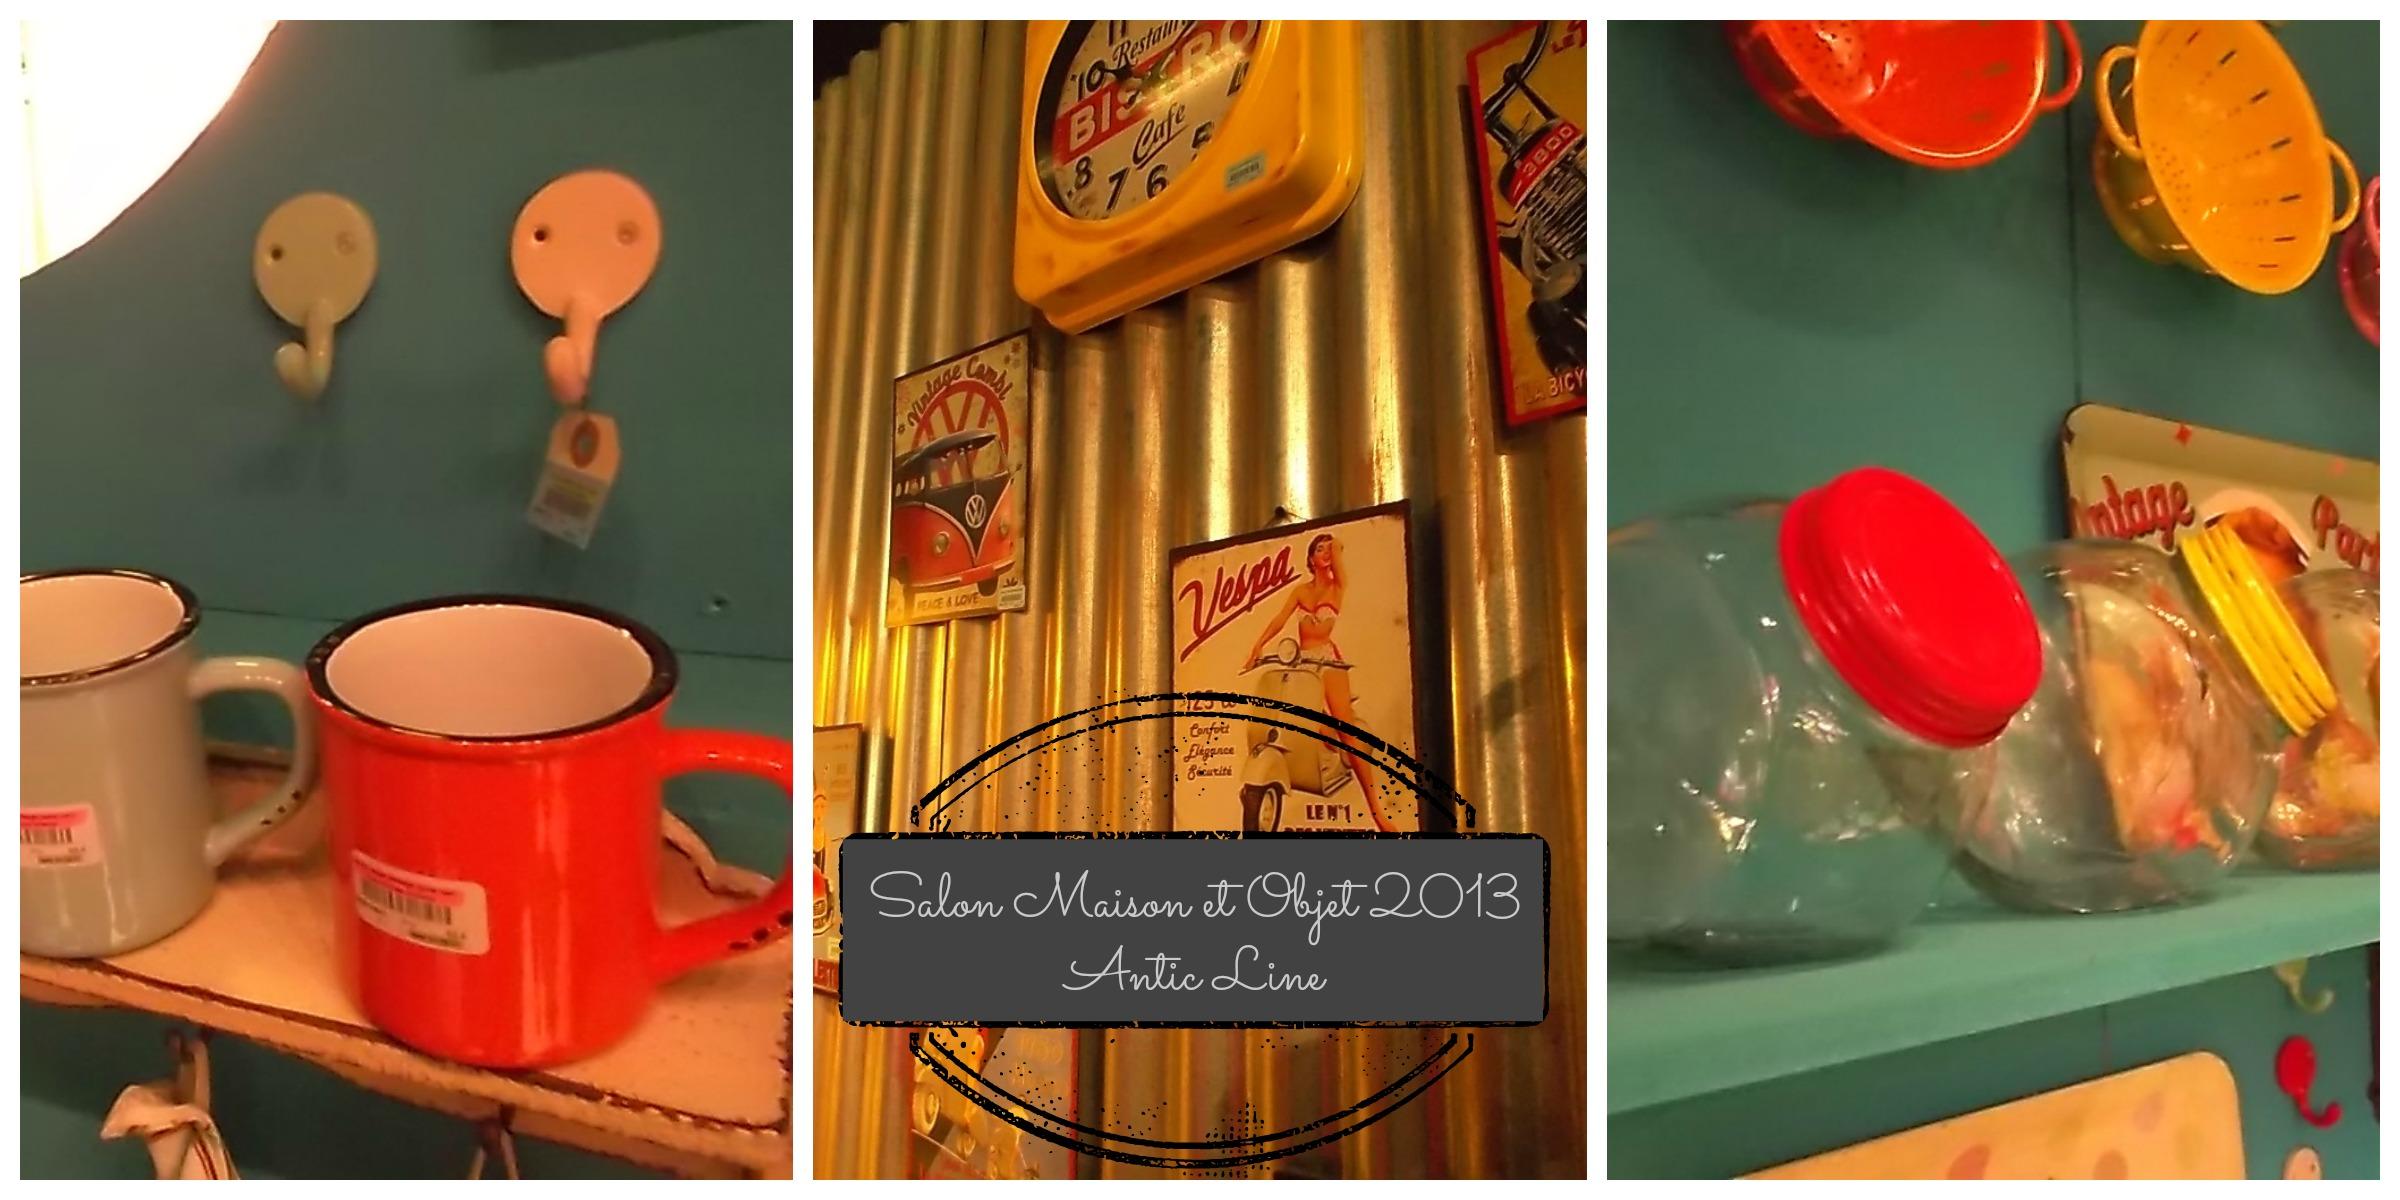 Maison et objet 2013 fifi mandirac cocon de d coration for Objet de decoration salon